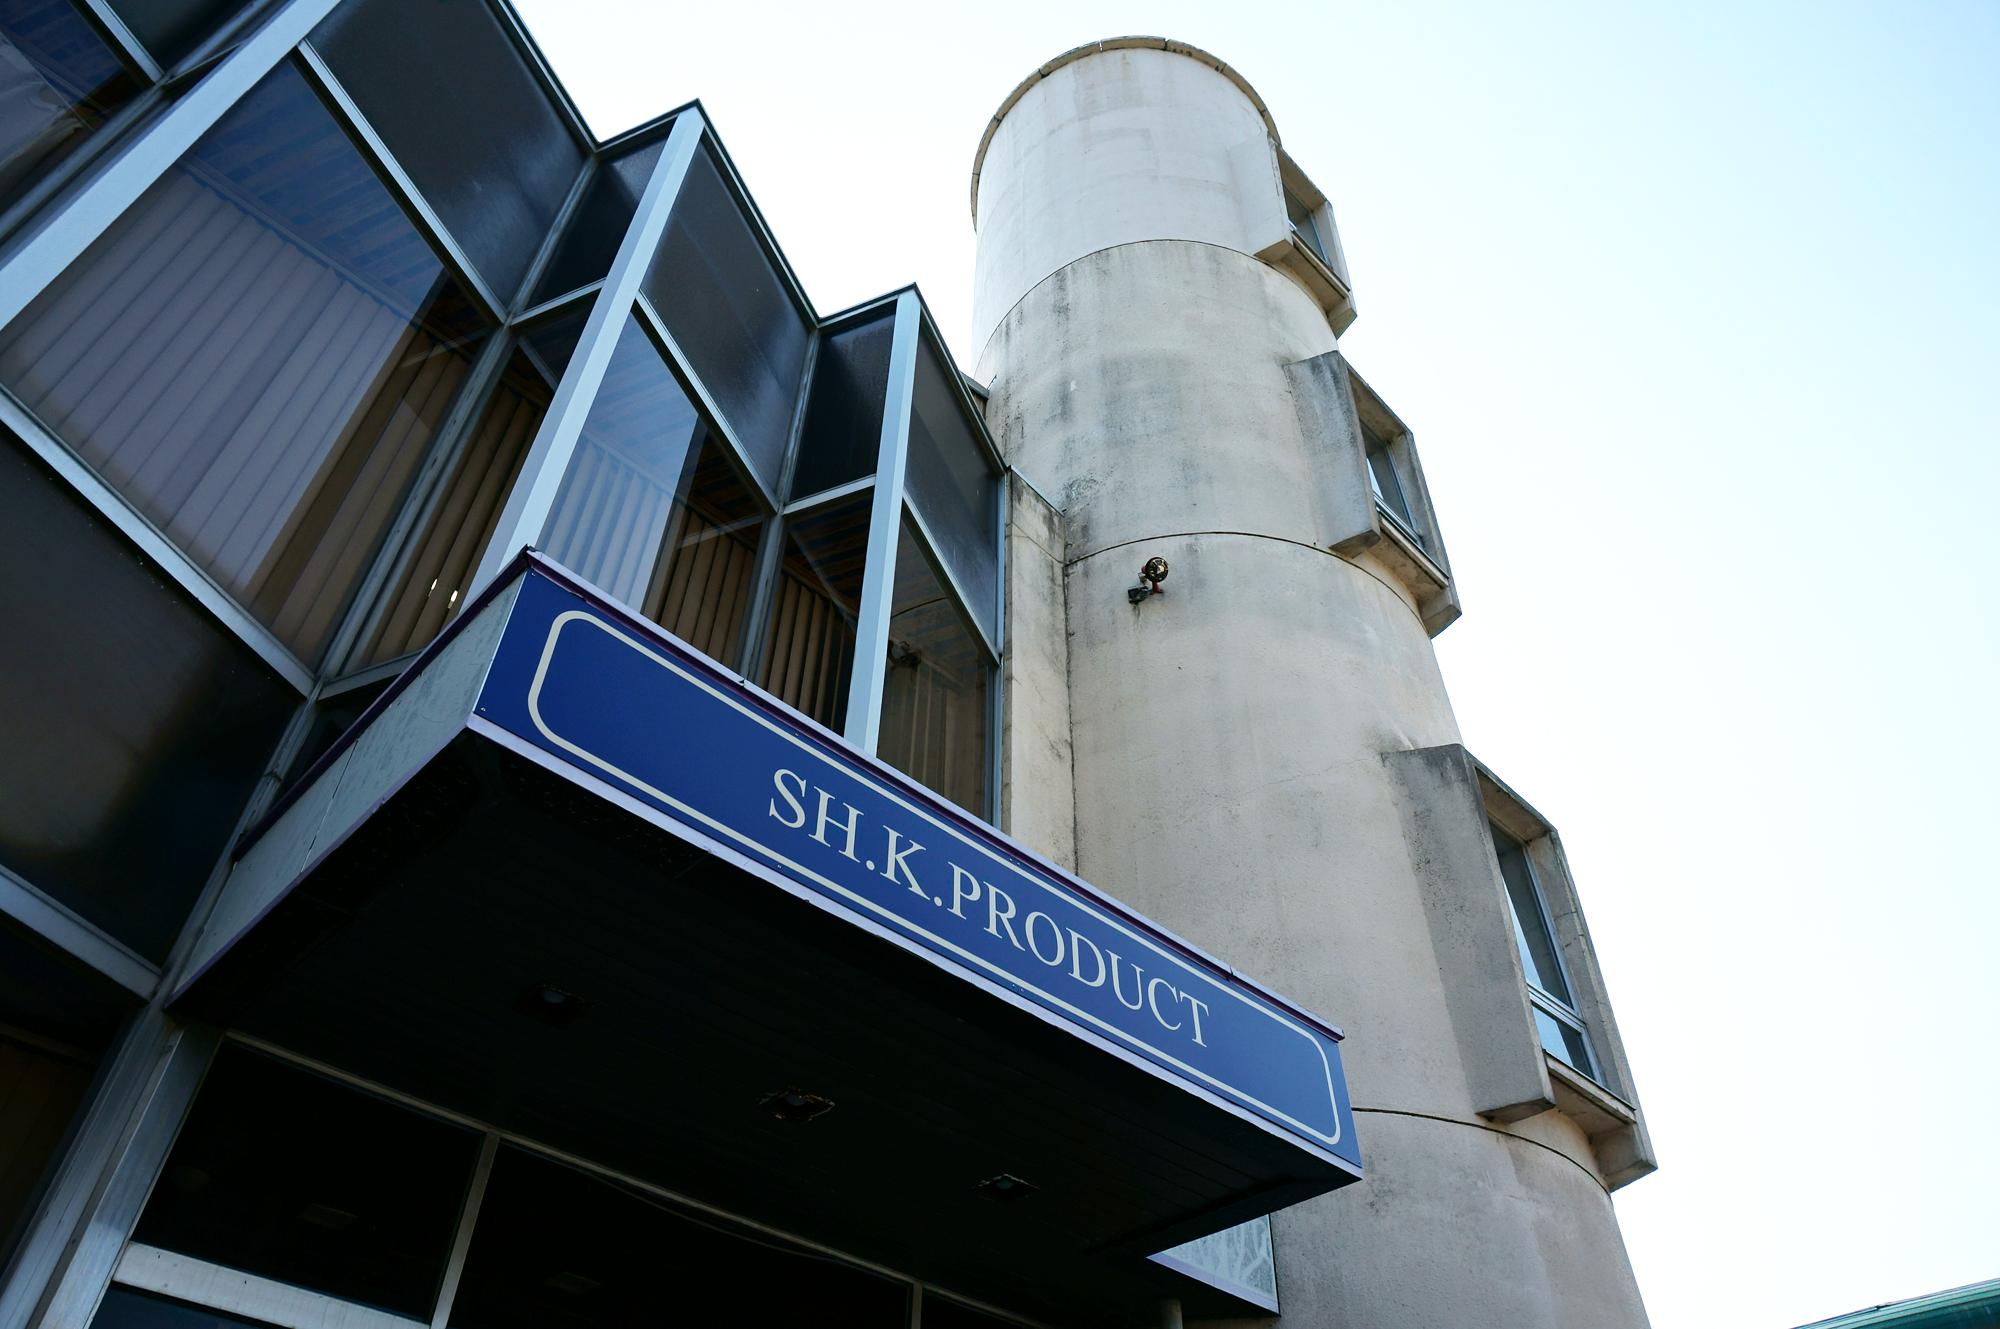 株式会社SH.K.PRODUCT オフィシャルサイト